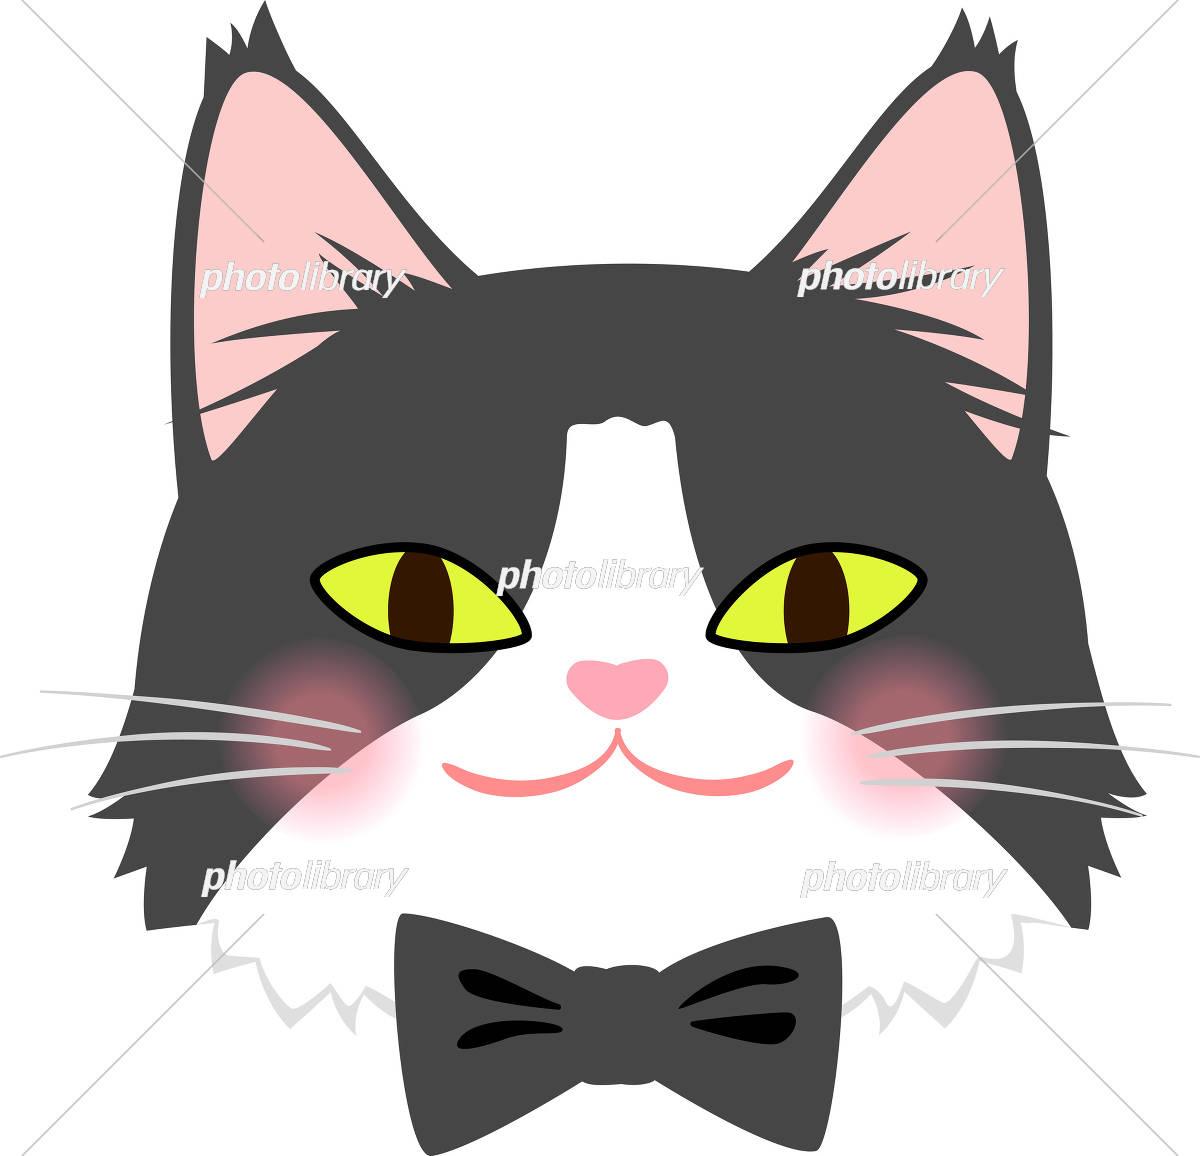 蝶ネクタイをした猫の顔 イラスト素材 [ 5525231 ] - フォトライブラリー